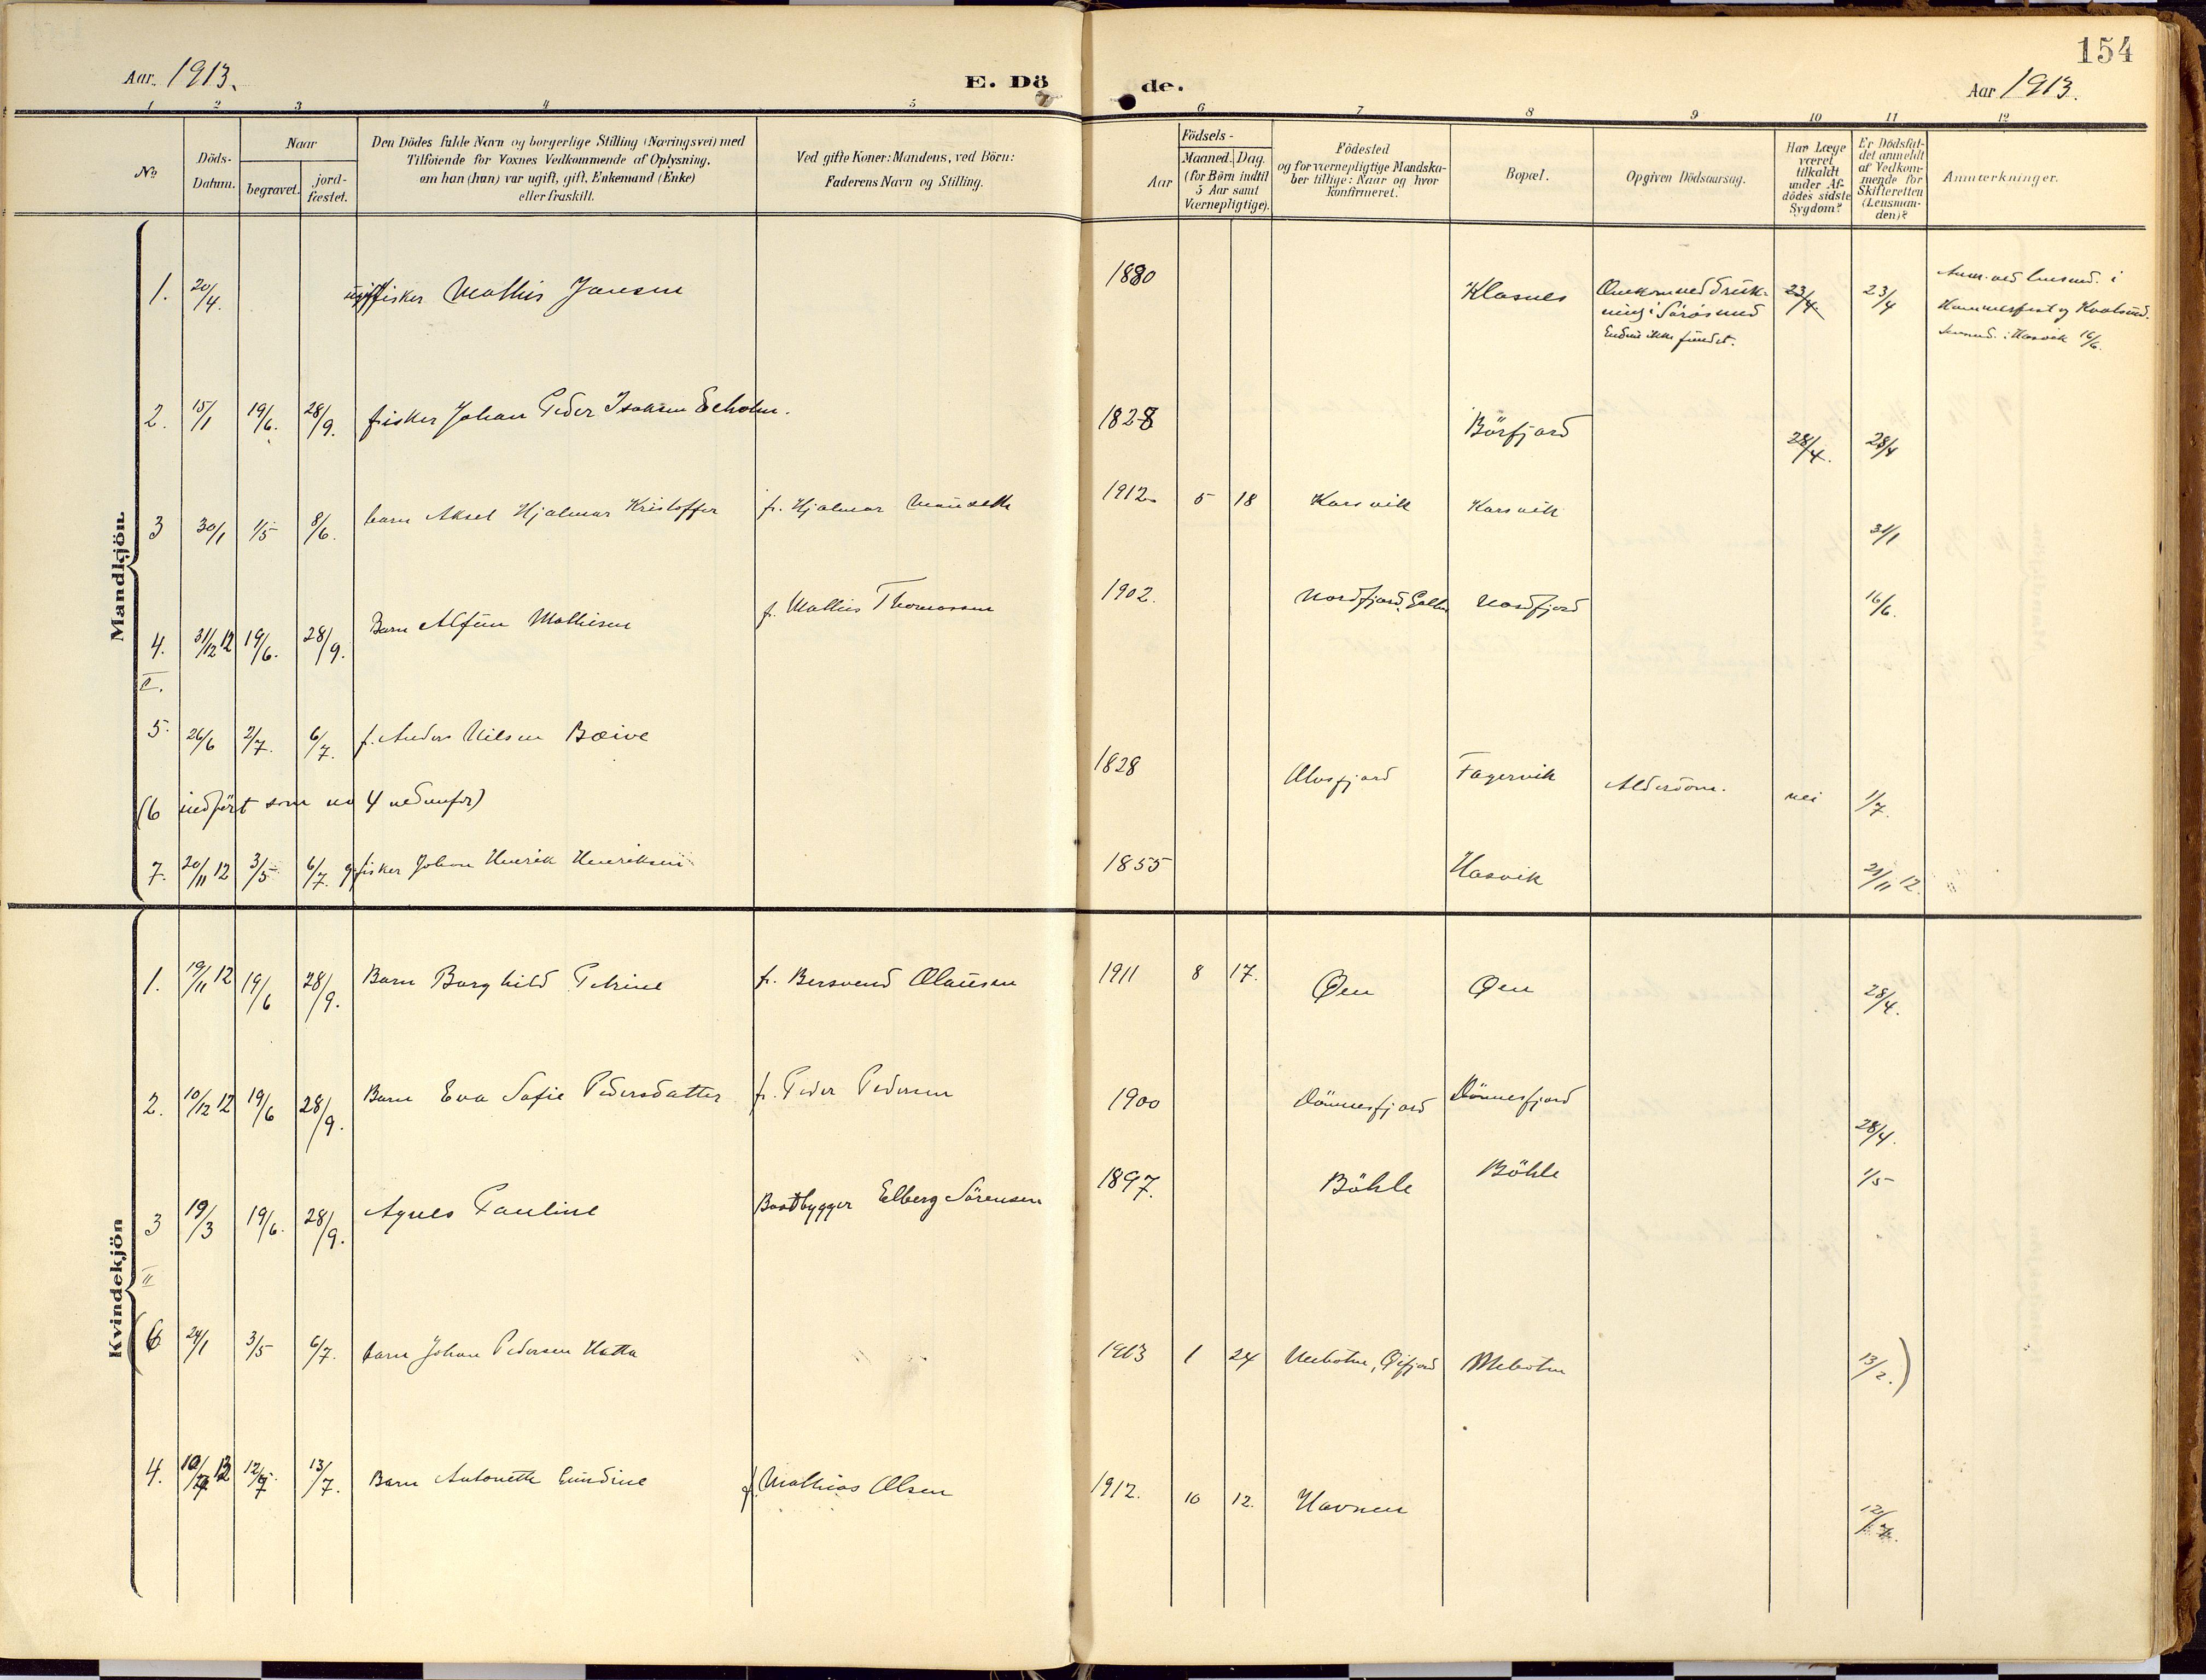 SATØ, Loppa sokneprestkontor, H/Ha/L0010kirke: Ministerialbok nr. 10, 1907-1922, s. 154